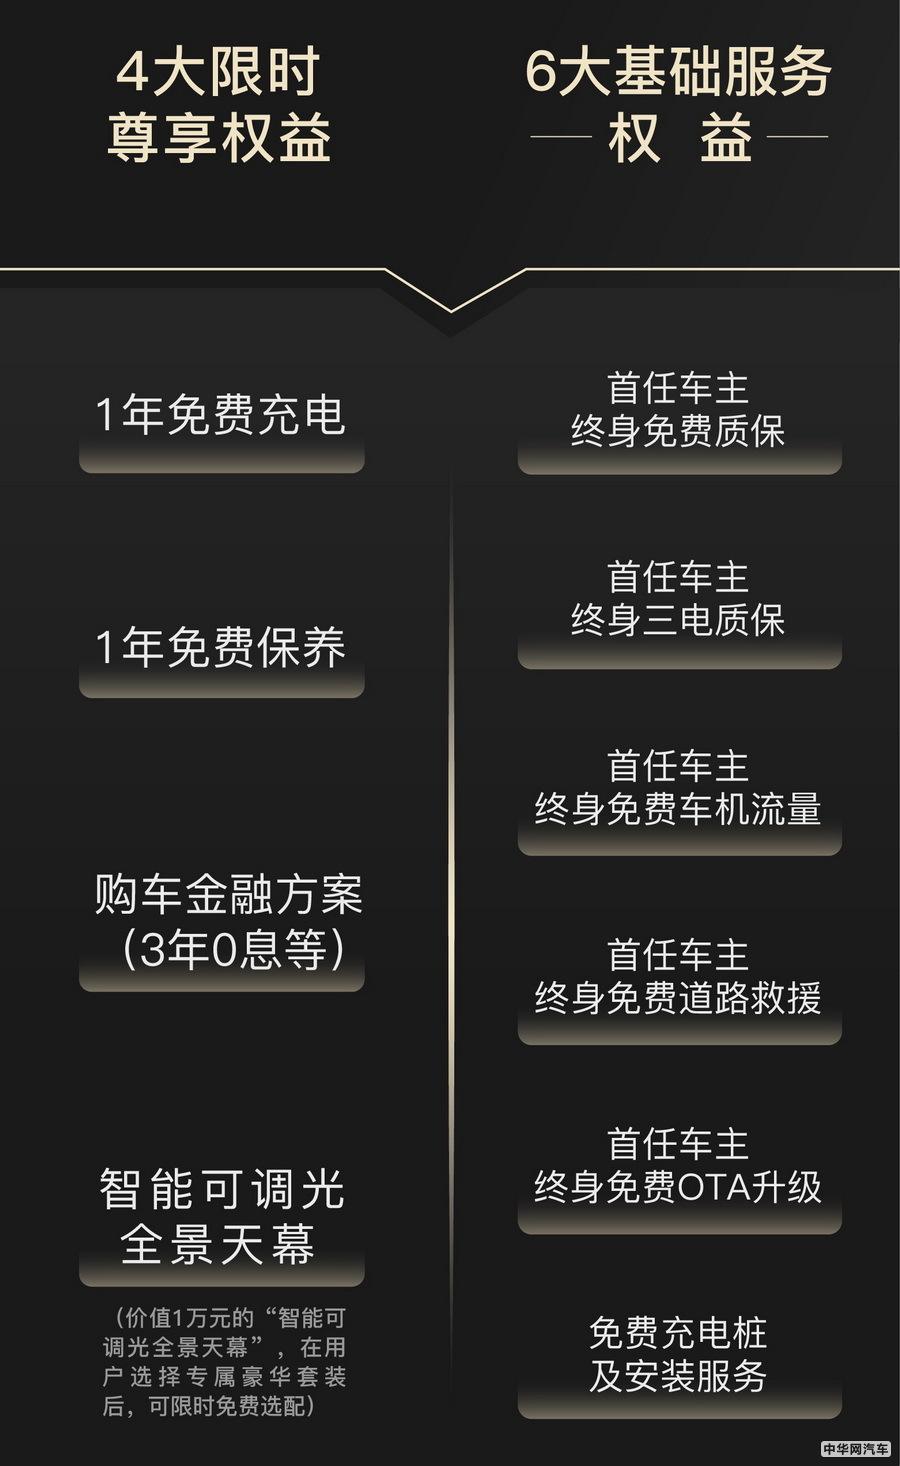 岚图FREE发布全新用户权益 7月30日开启